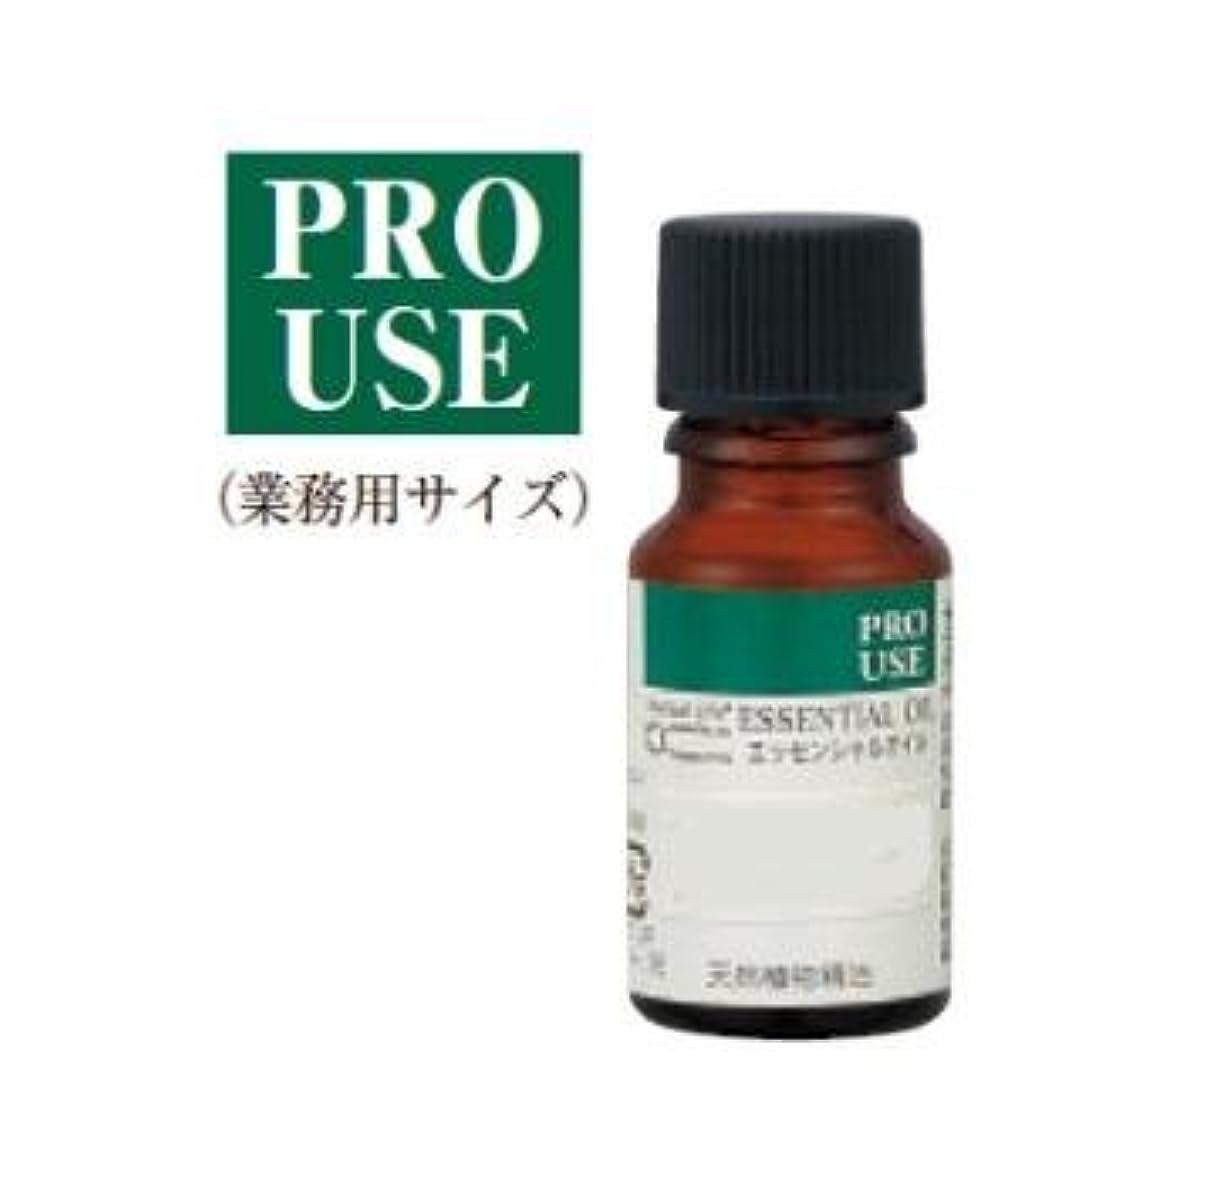 熟練したきゅうり社説生活の木 ジャスミンAbs.10ml エッセンシャルオイル/精油